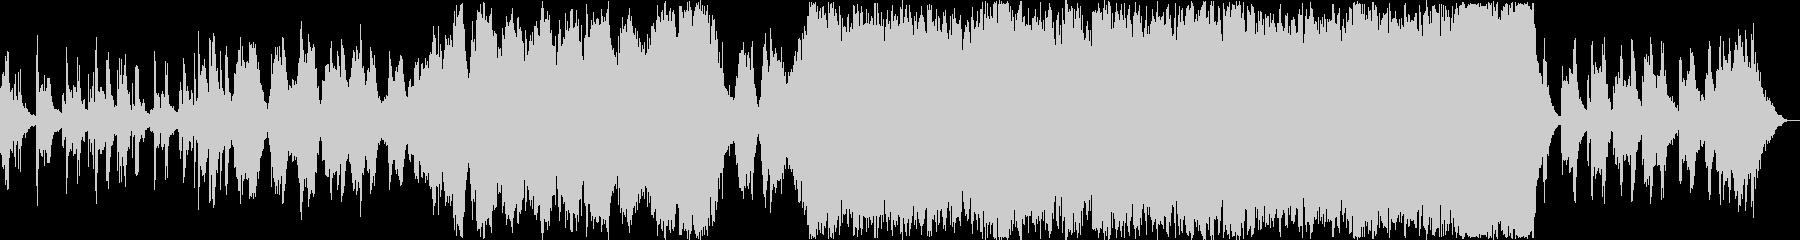 森の朝っぽいオーケストラとピアノの未再生の波形